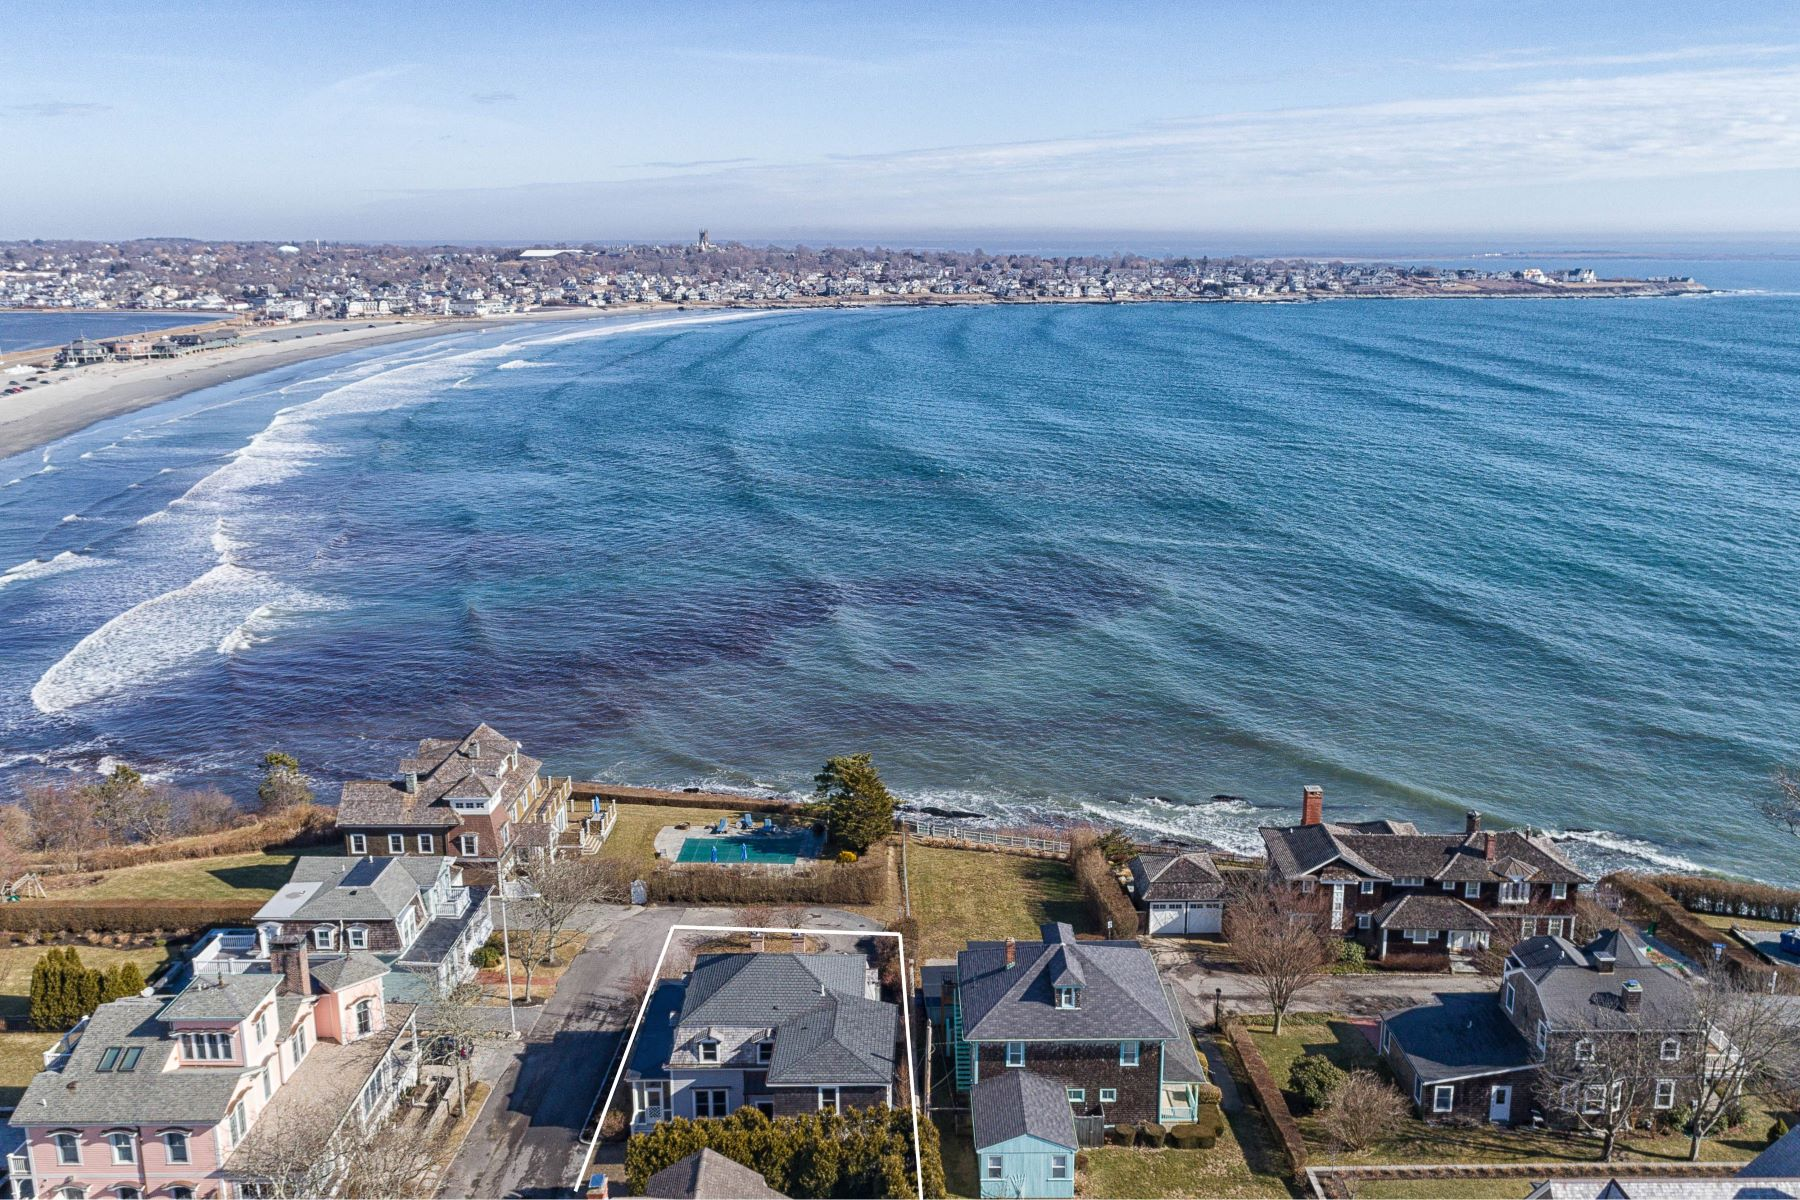 Μονοκατοικία για την Πώληση στο 9 Cliff Ter, Newport, RI Newport, Ροουντ Αϊλαντ 02840 Ηνωμένες Πολιτείες